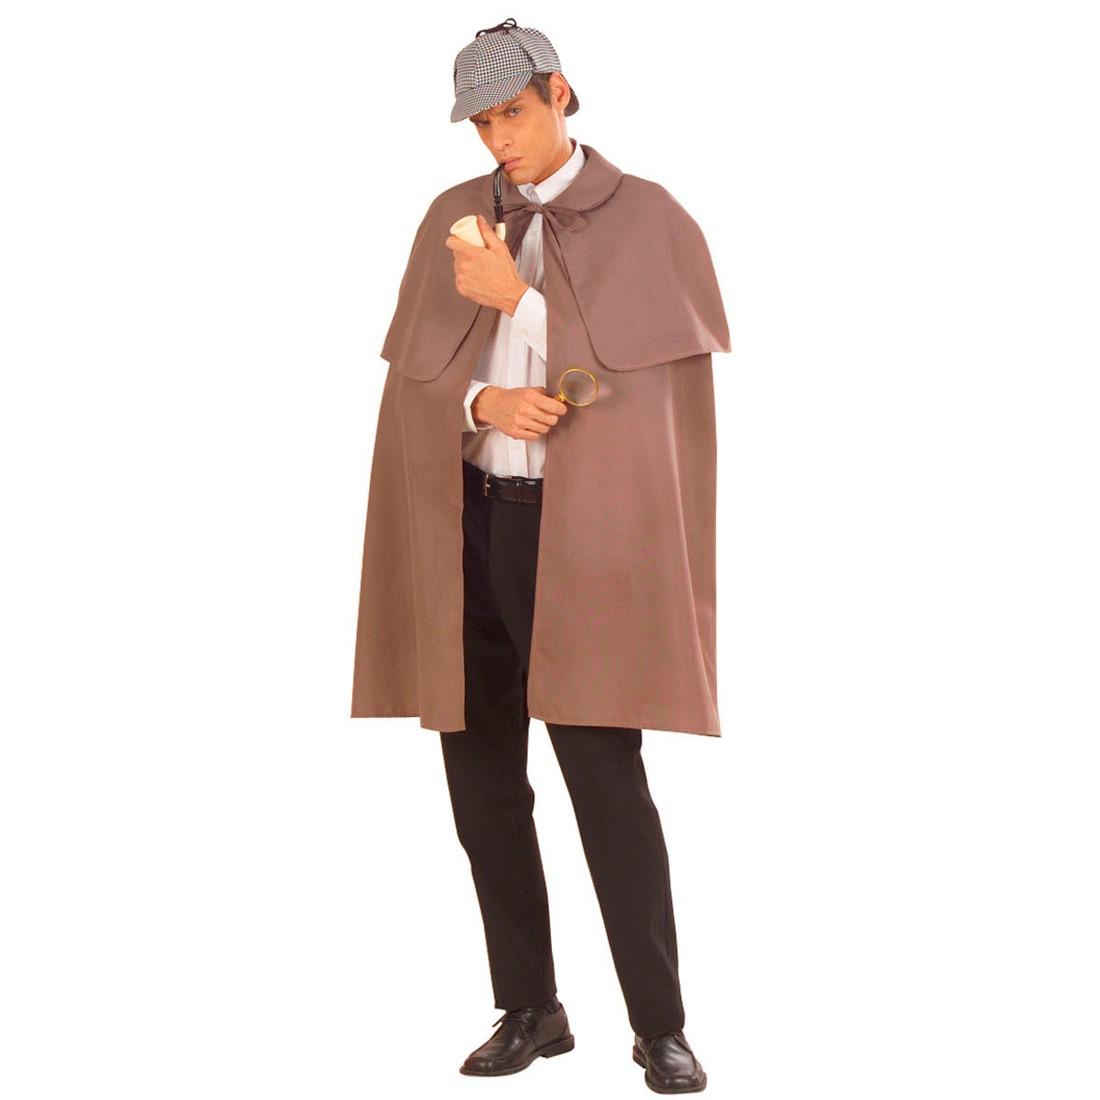 sherlock holmes kost m detektiv umhang agenten mantel 23 99. Black Bedroom Furniture Sets. Home Design Ideas